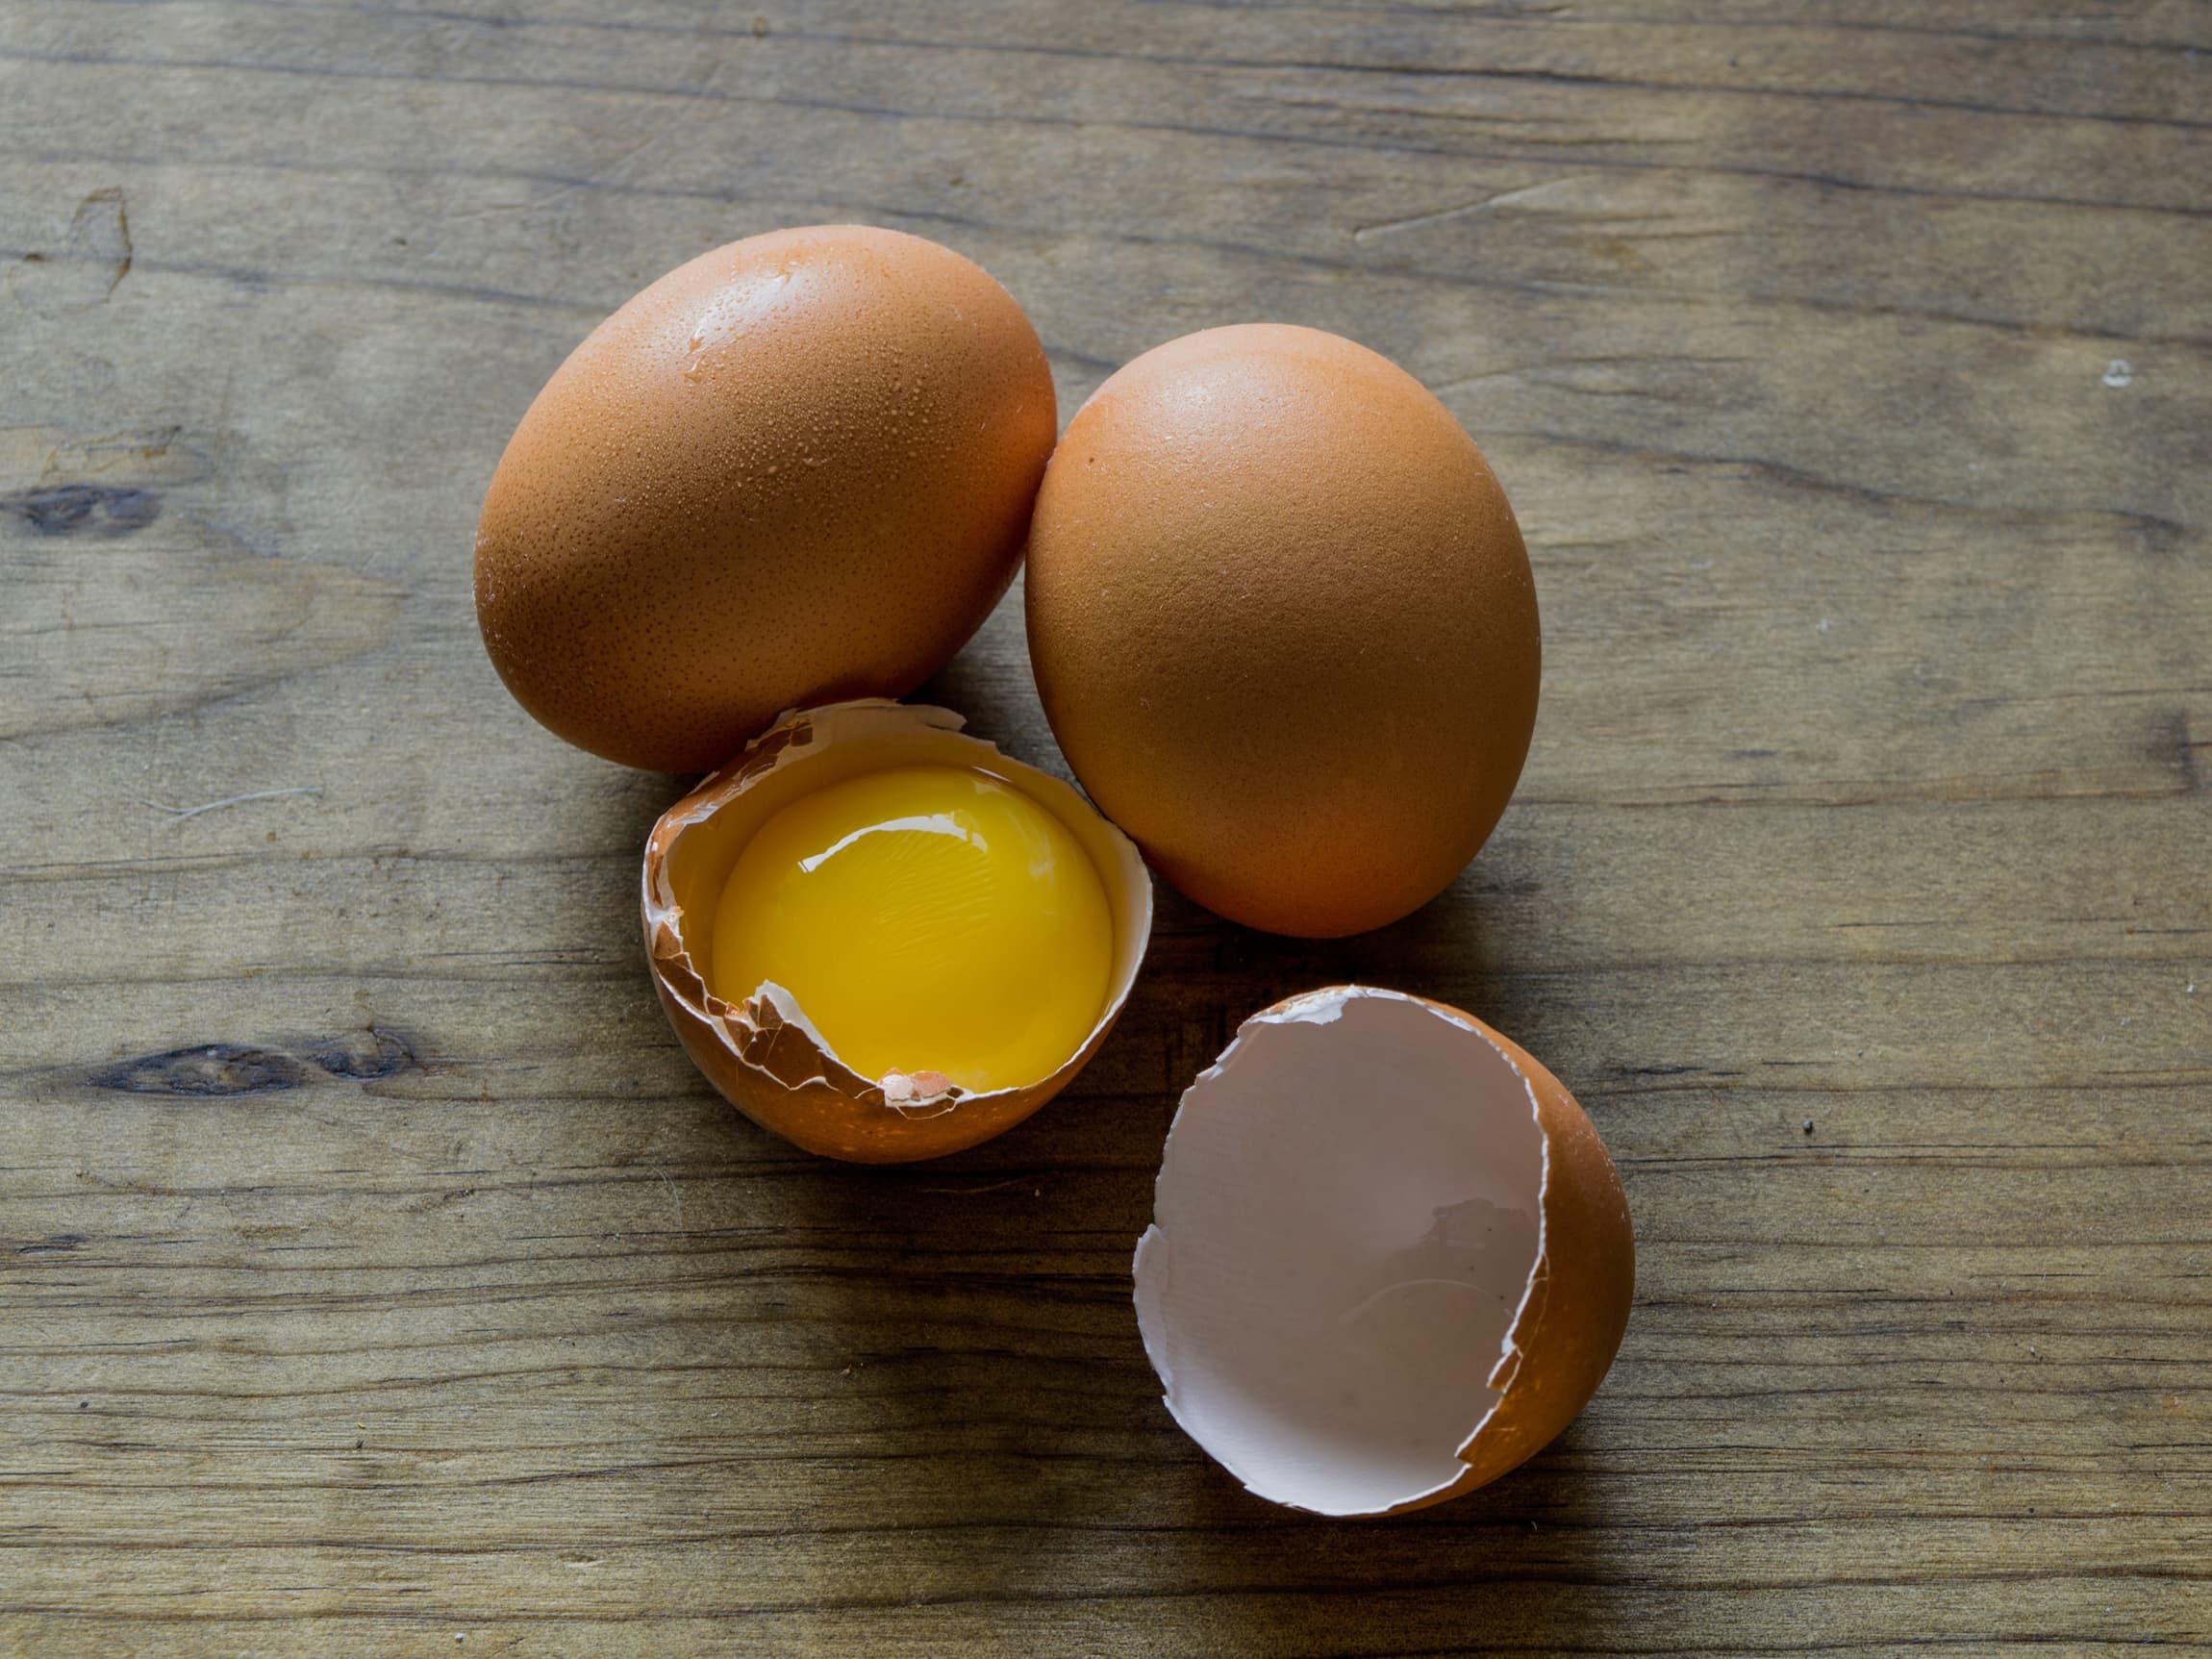 Visste du at et egg veier 63 gram i gjennomsnitt?